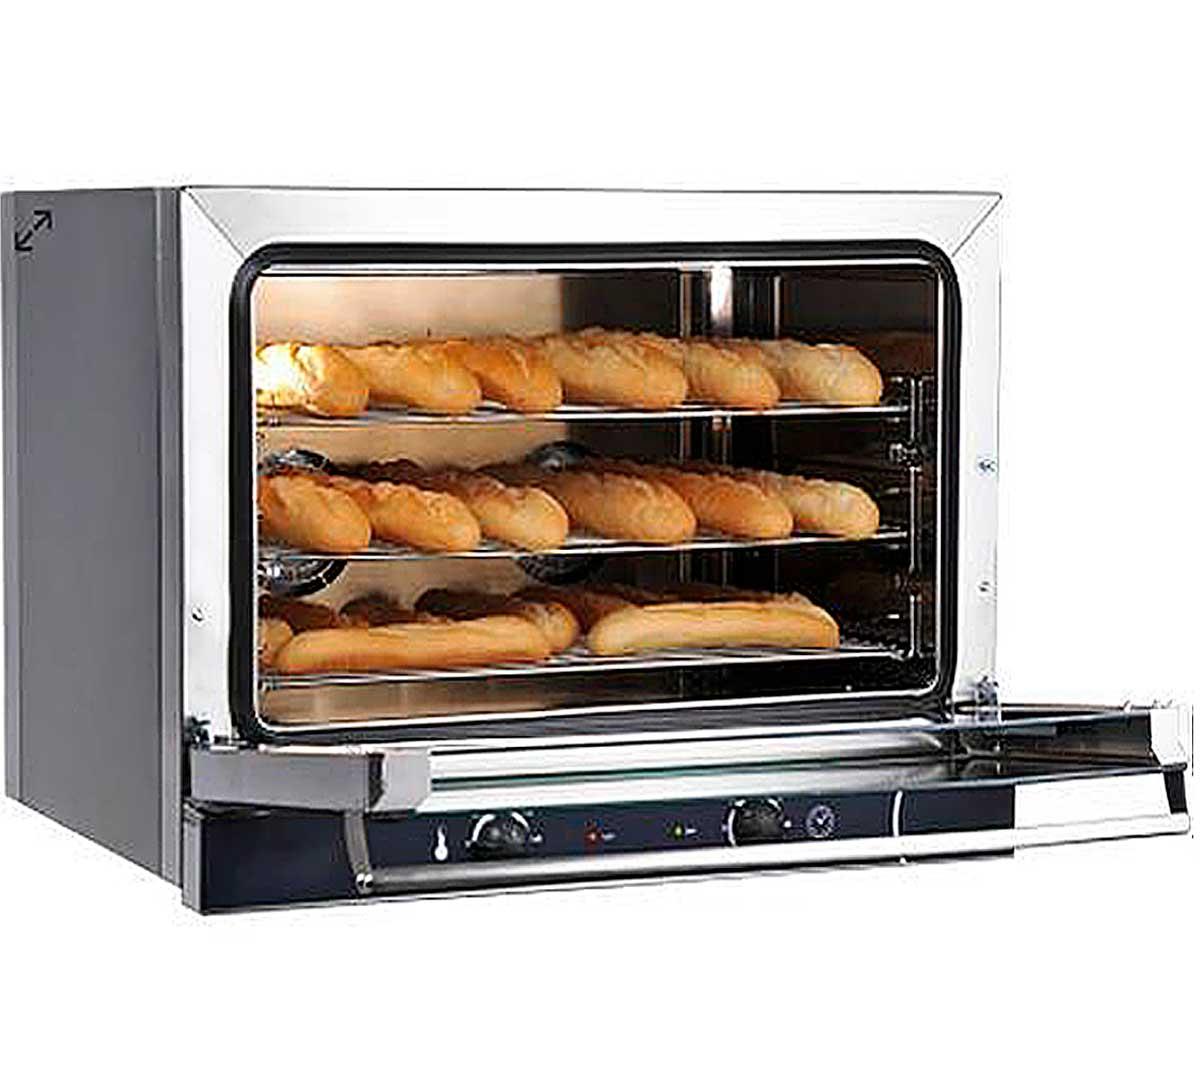 Hornos para panader as pasteler as y obradores for Ofertas de hornos electricos